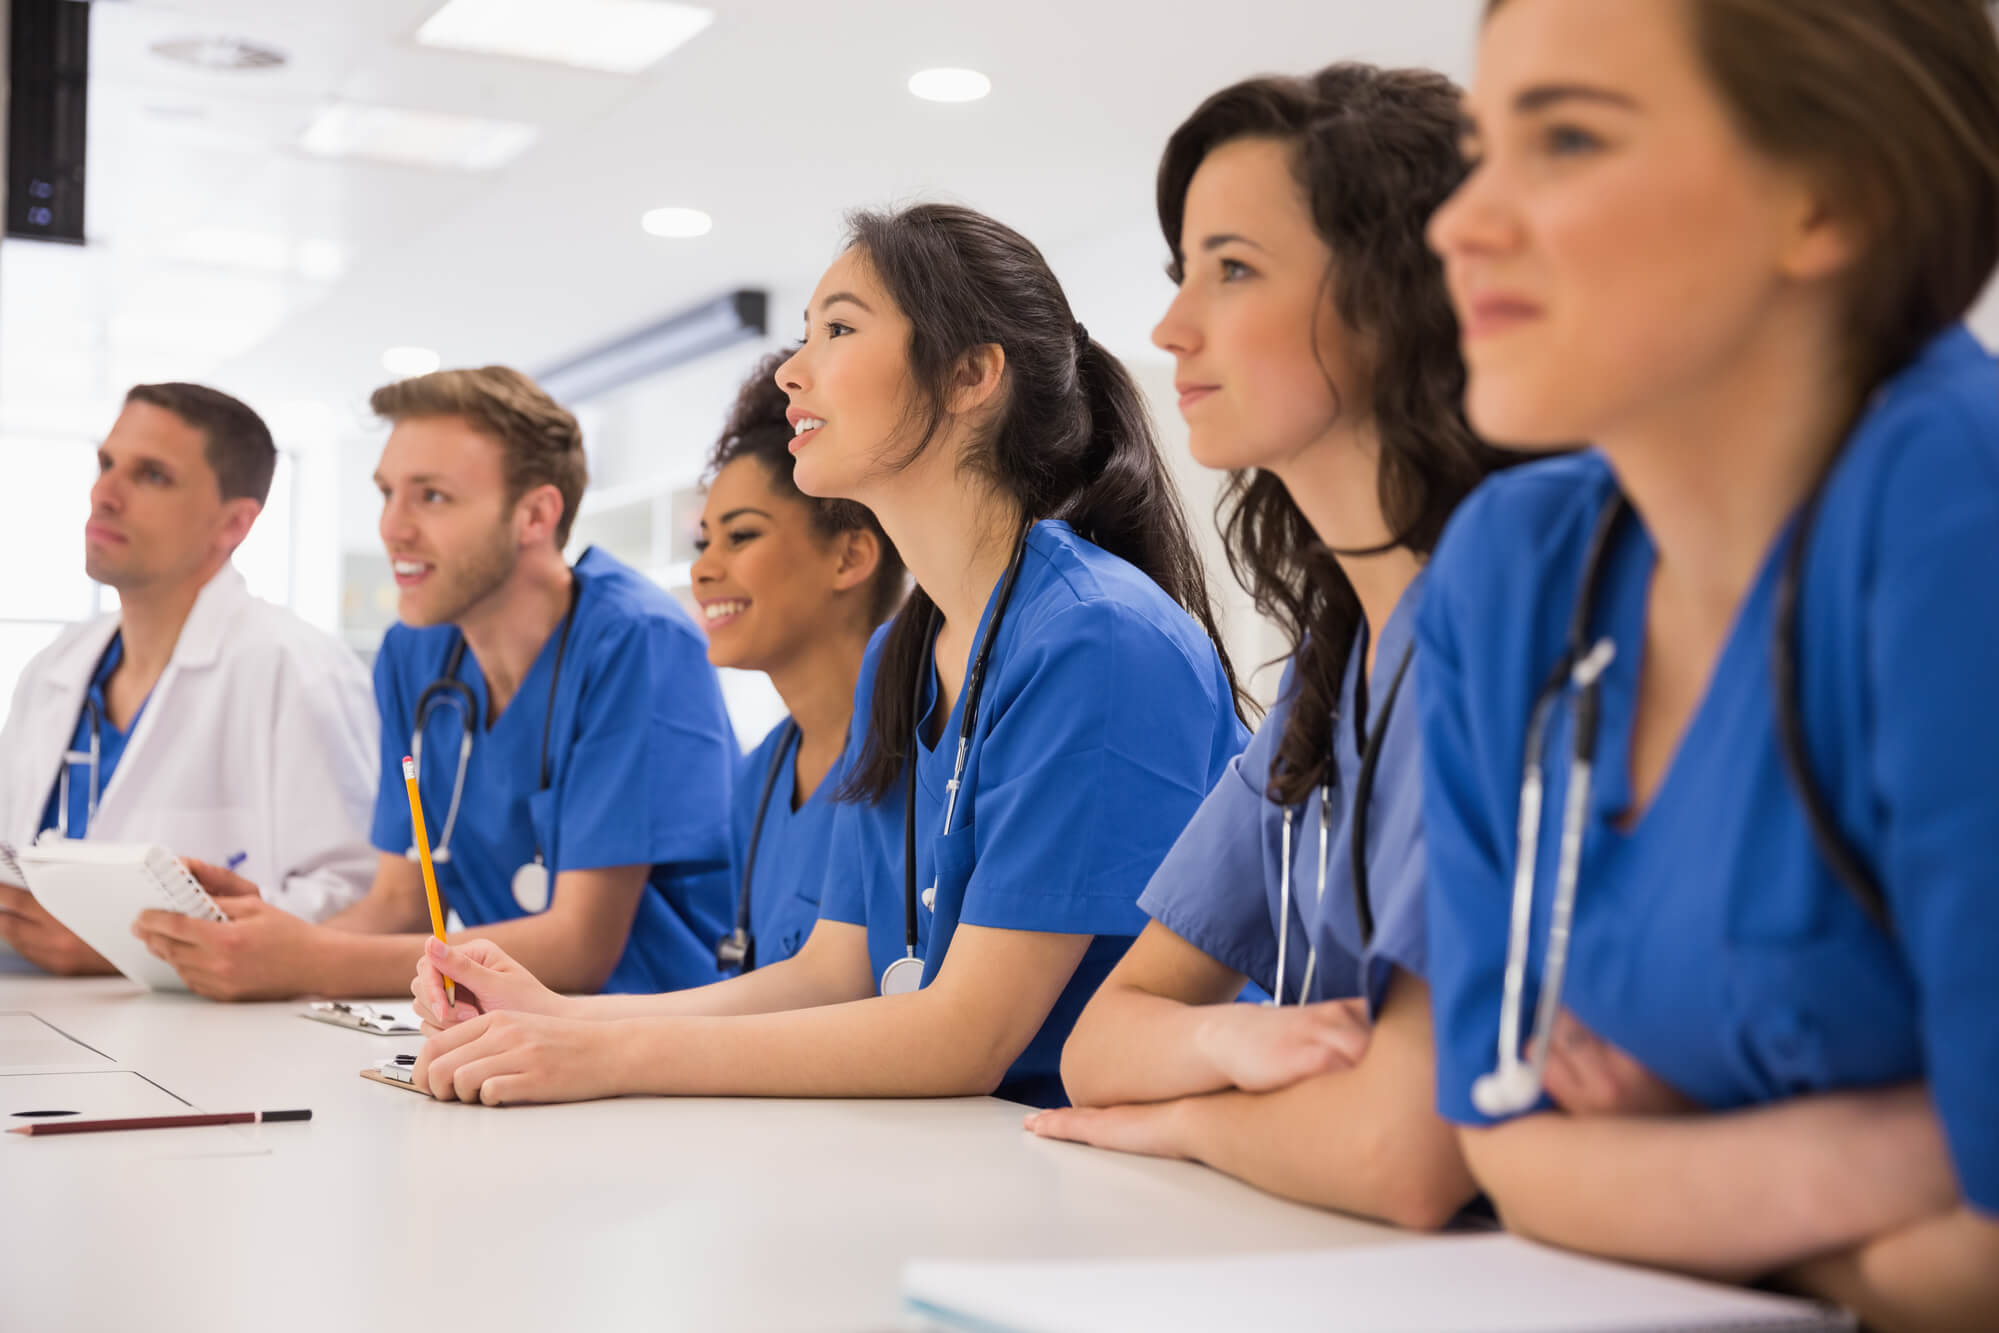 Мистецтво маленьких КРОКів. Як склали іспити випускники-медики 2019 року?